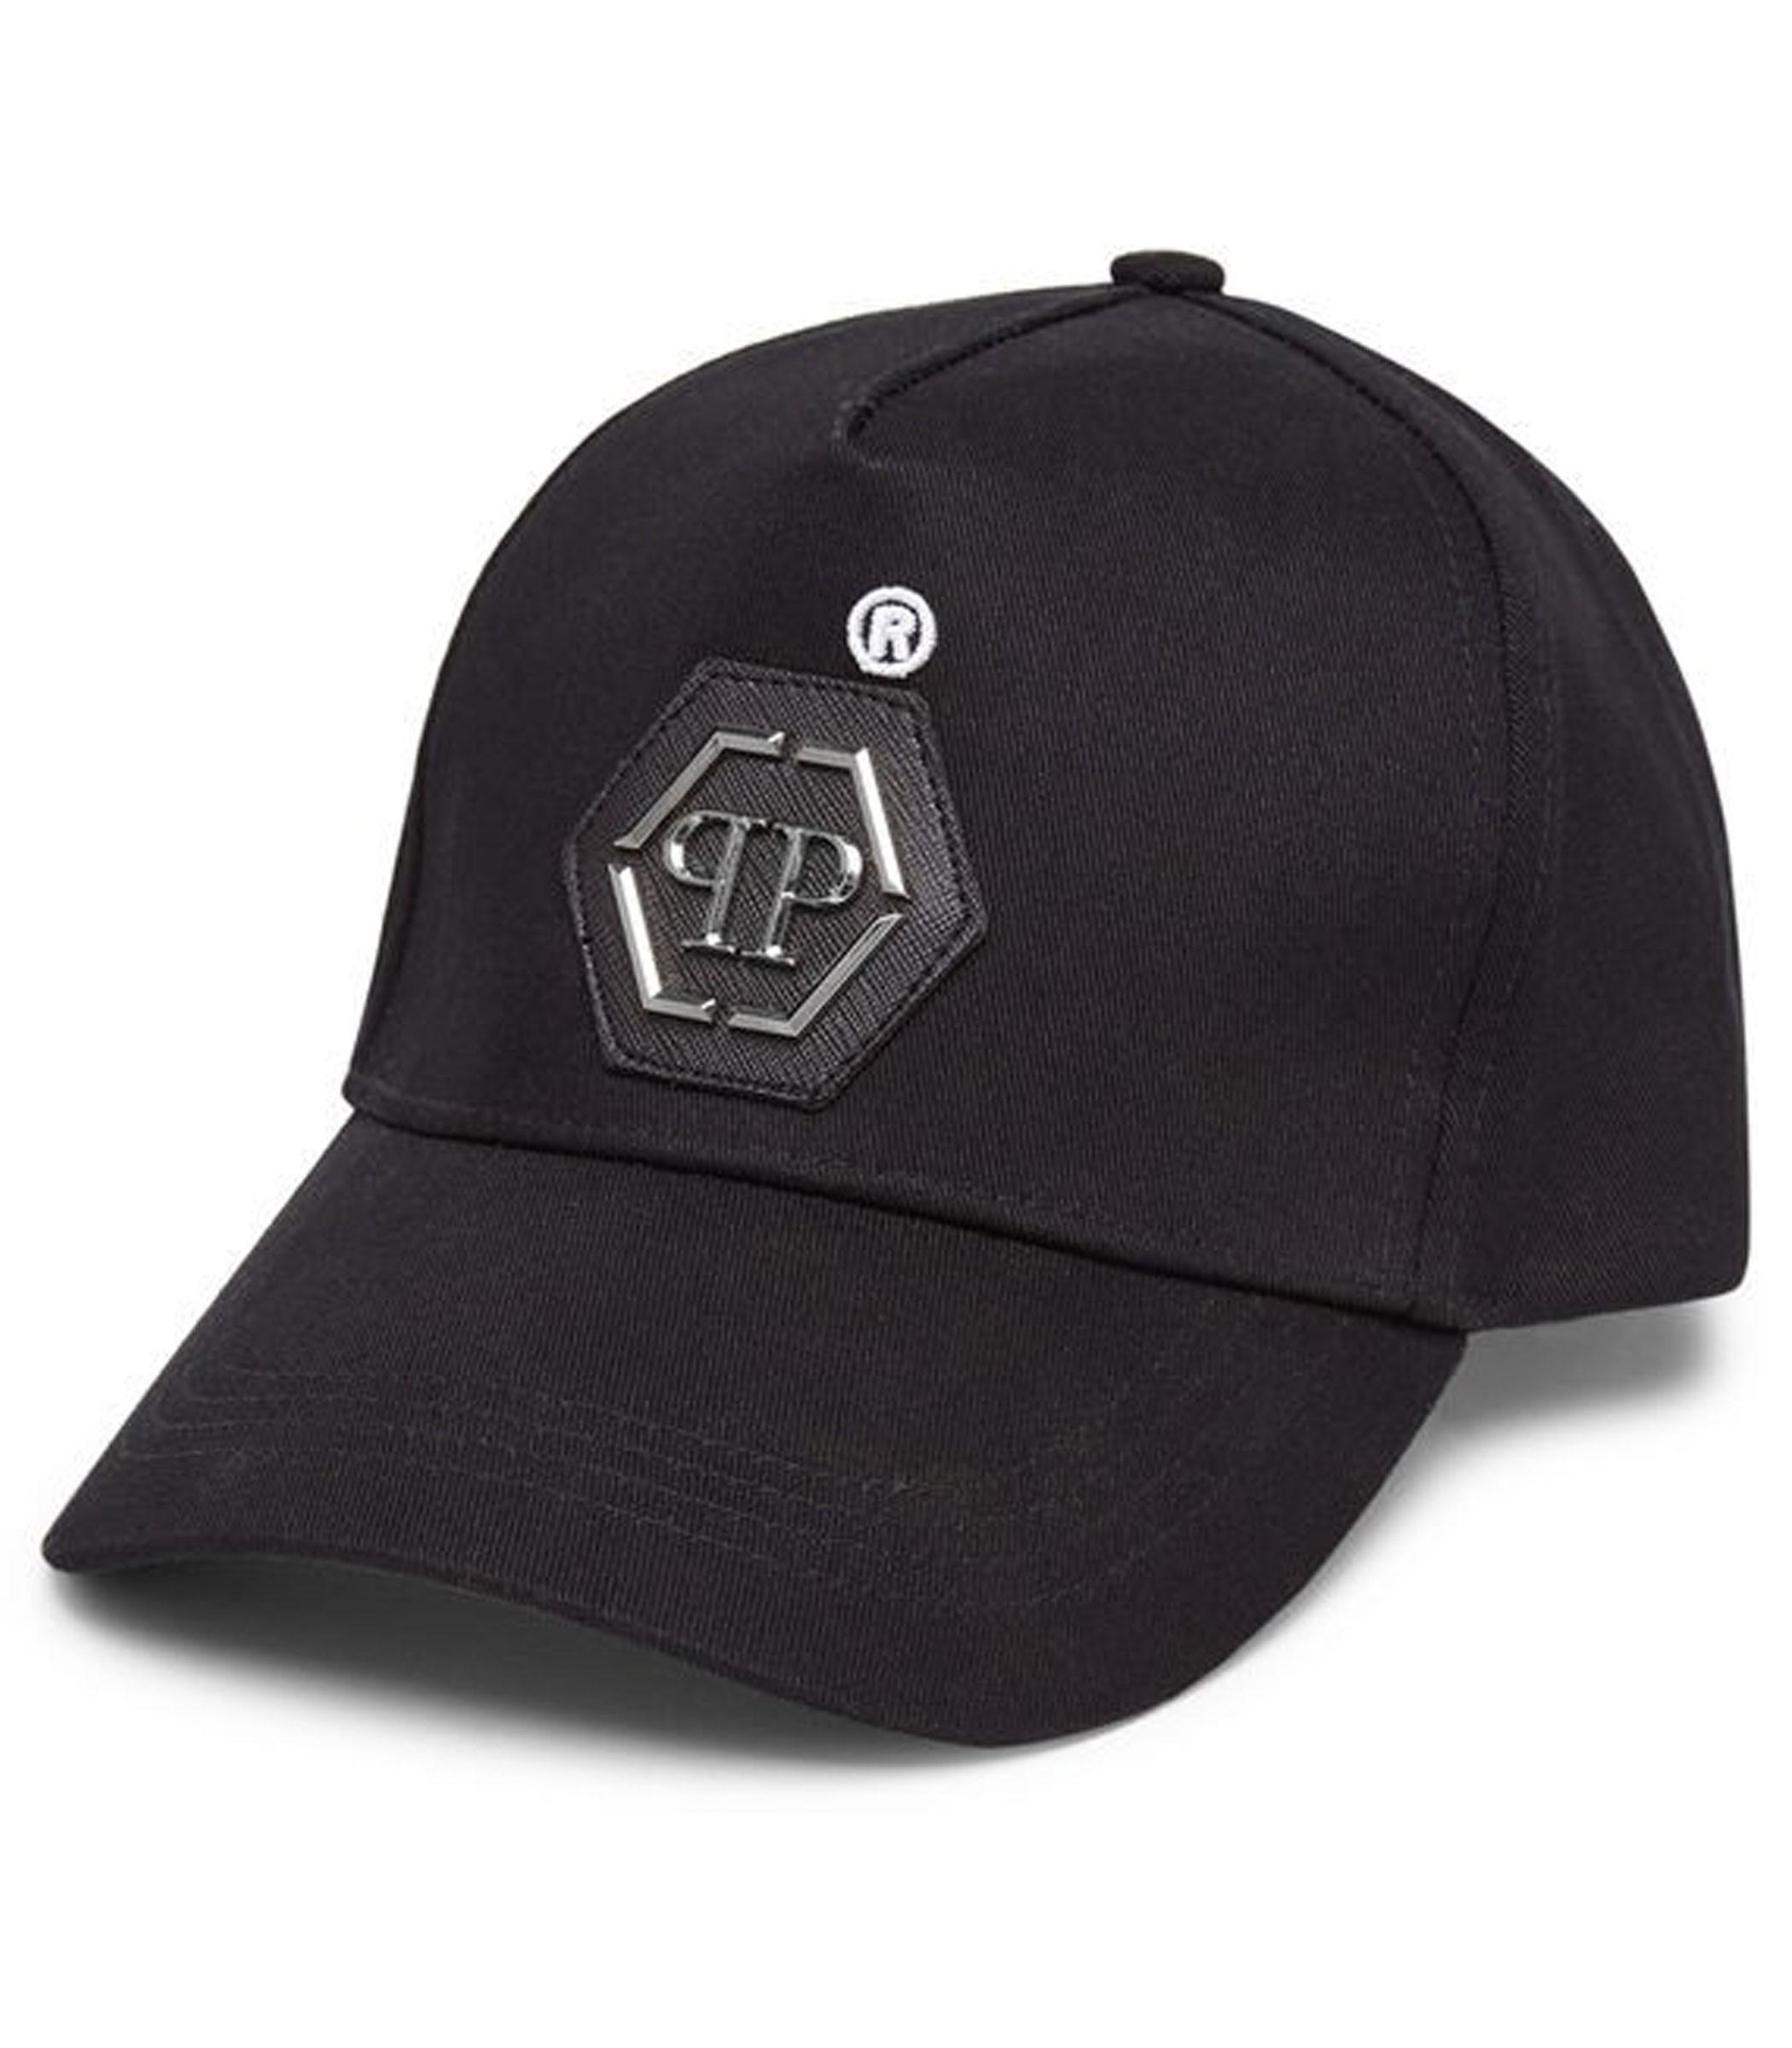 ordine il più economico acquista originale Cappello Philipp Plein Baseball cap original con logo unisex ...